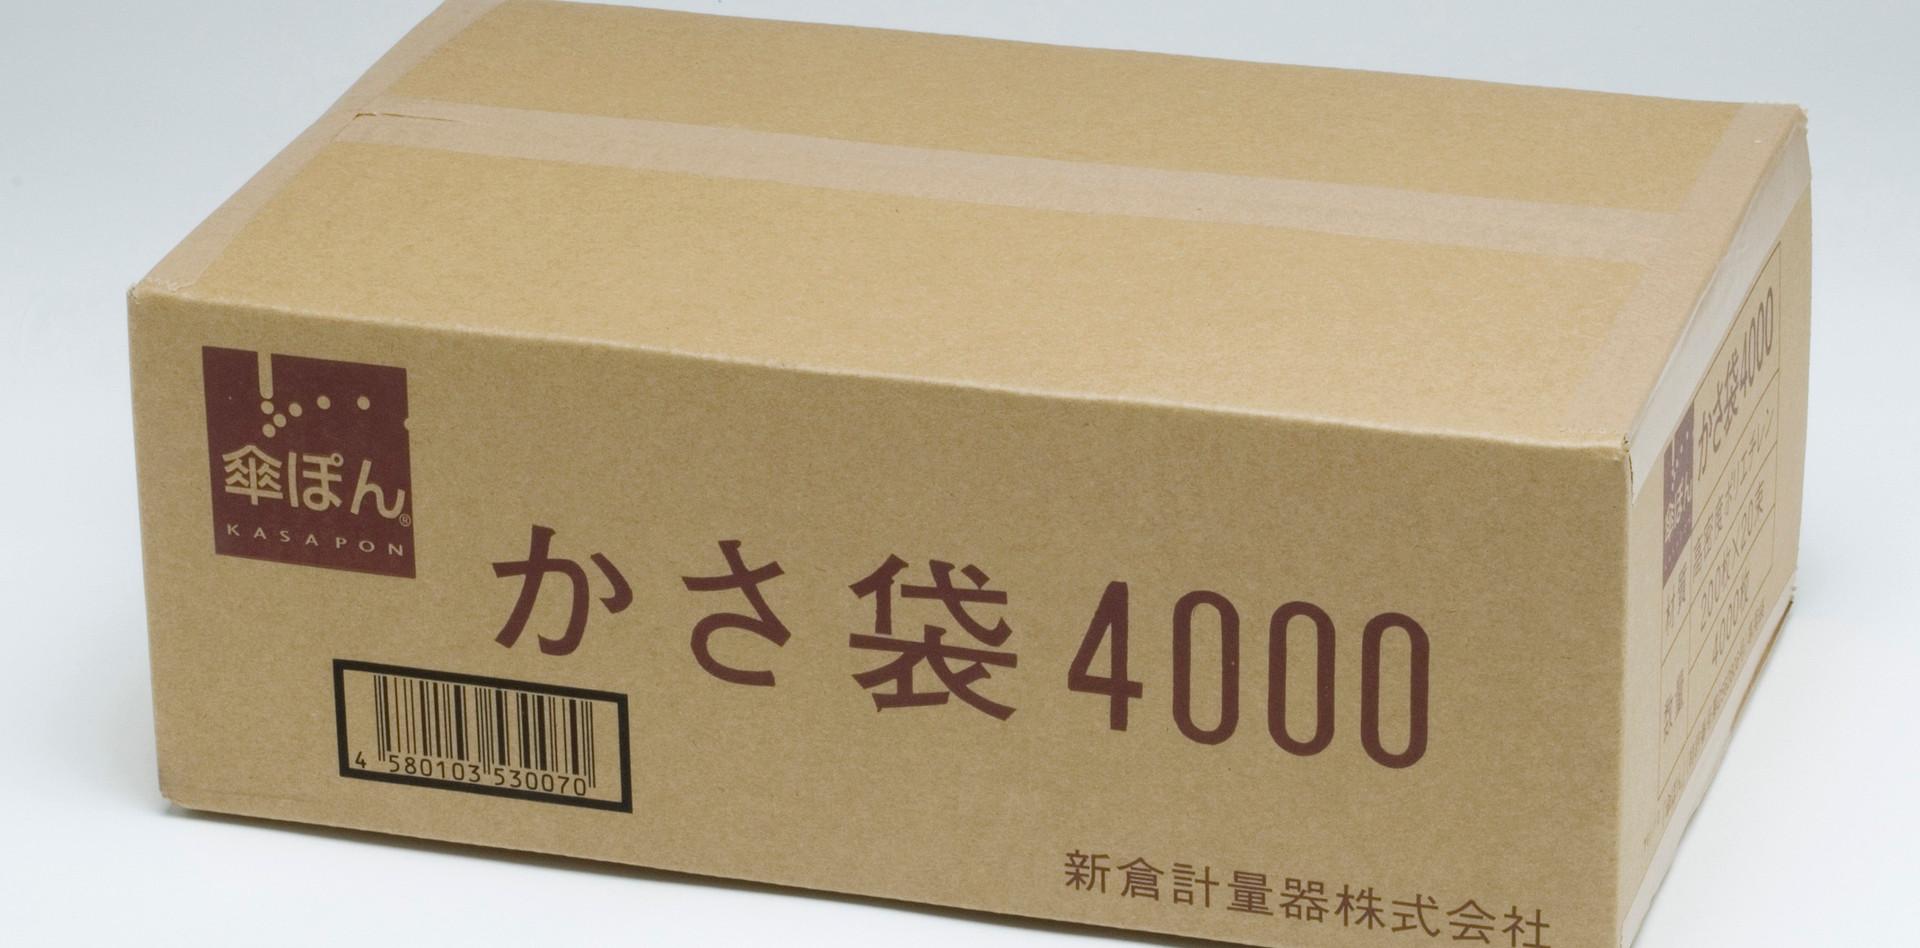 4000枚.jpg